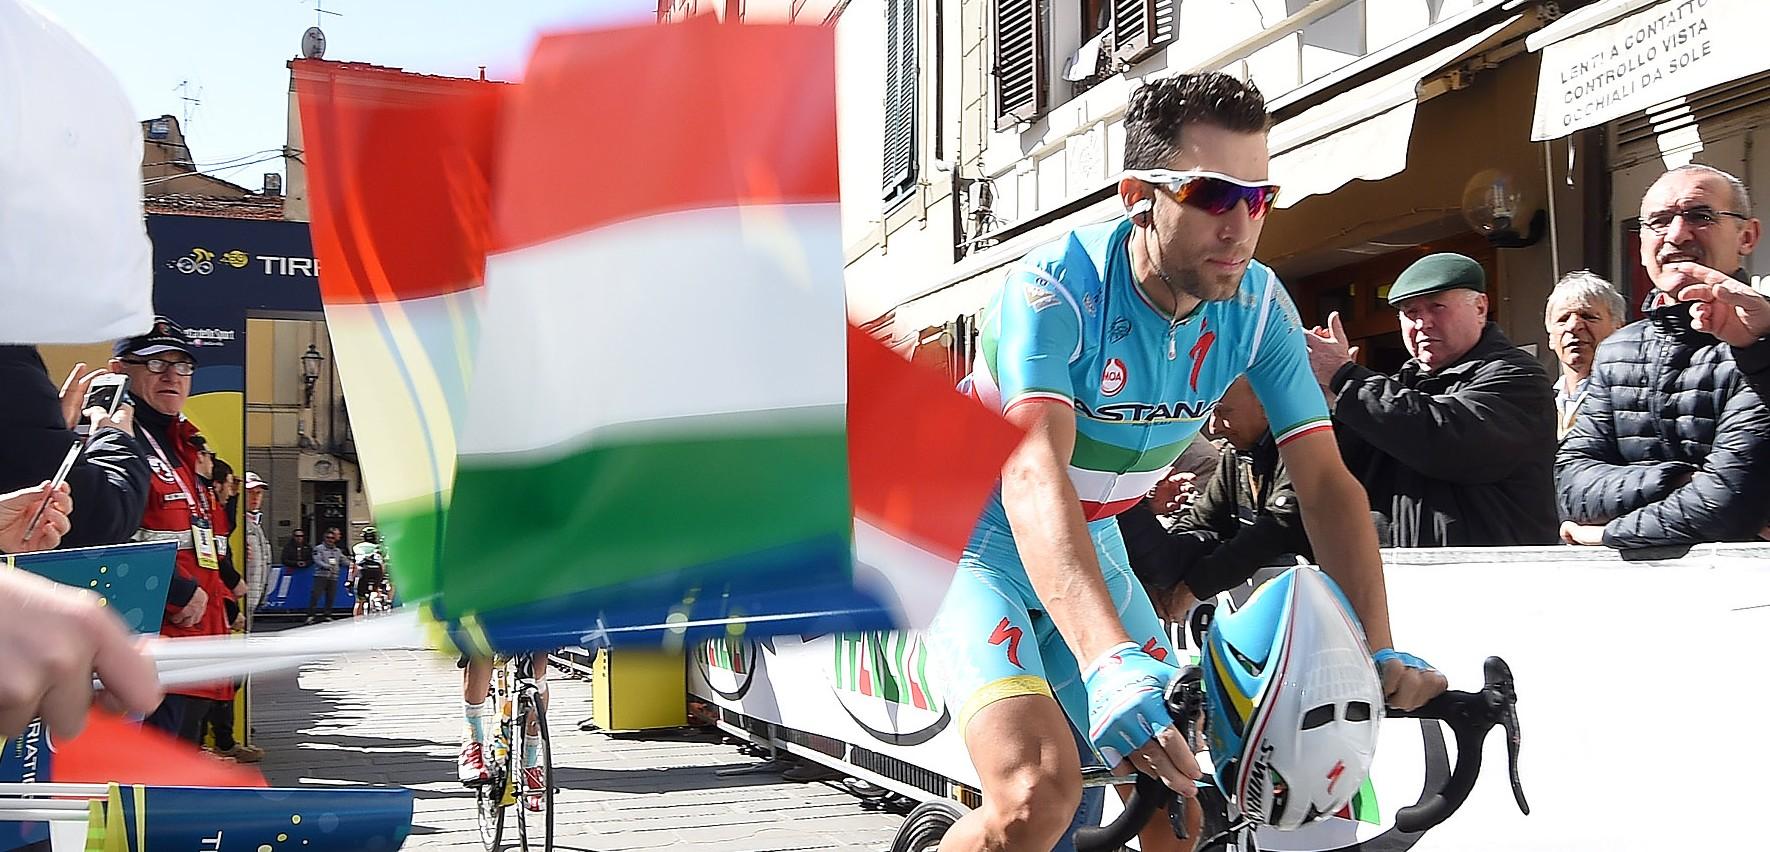 Ciclismo: Tirreno-Adriatico; Lido di Camaiore-Cascina